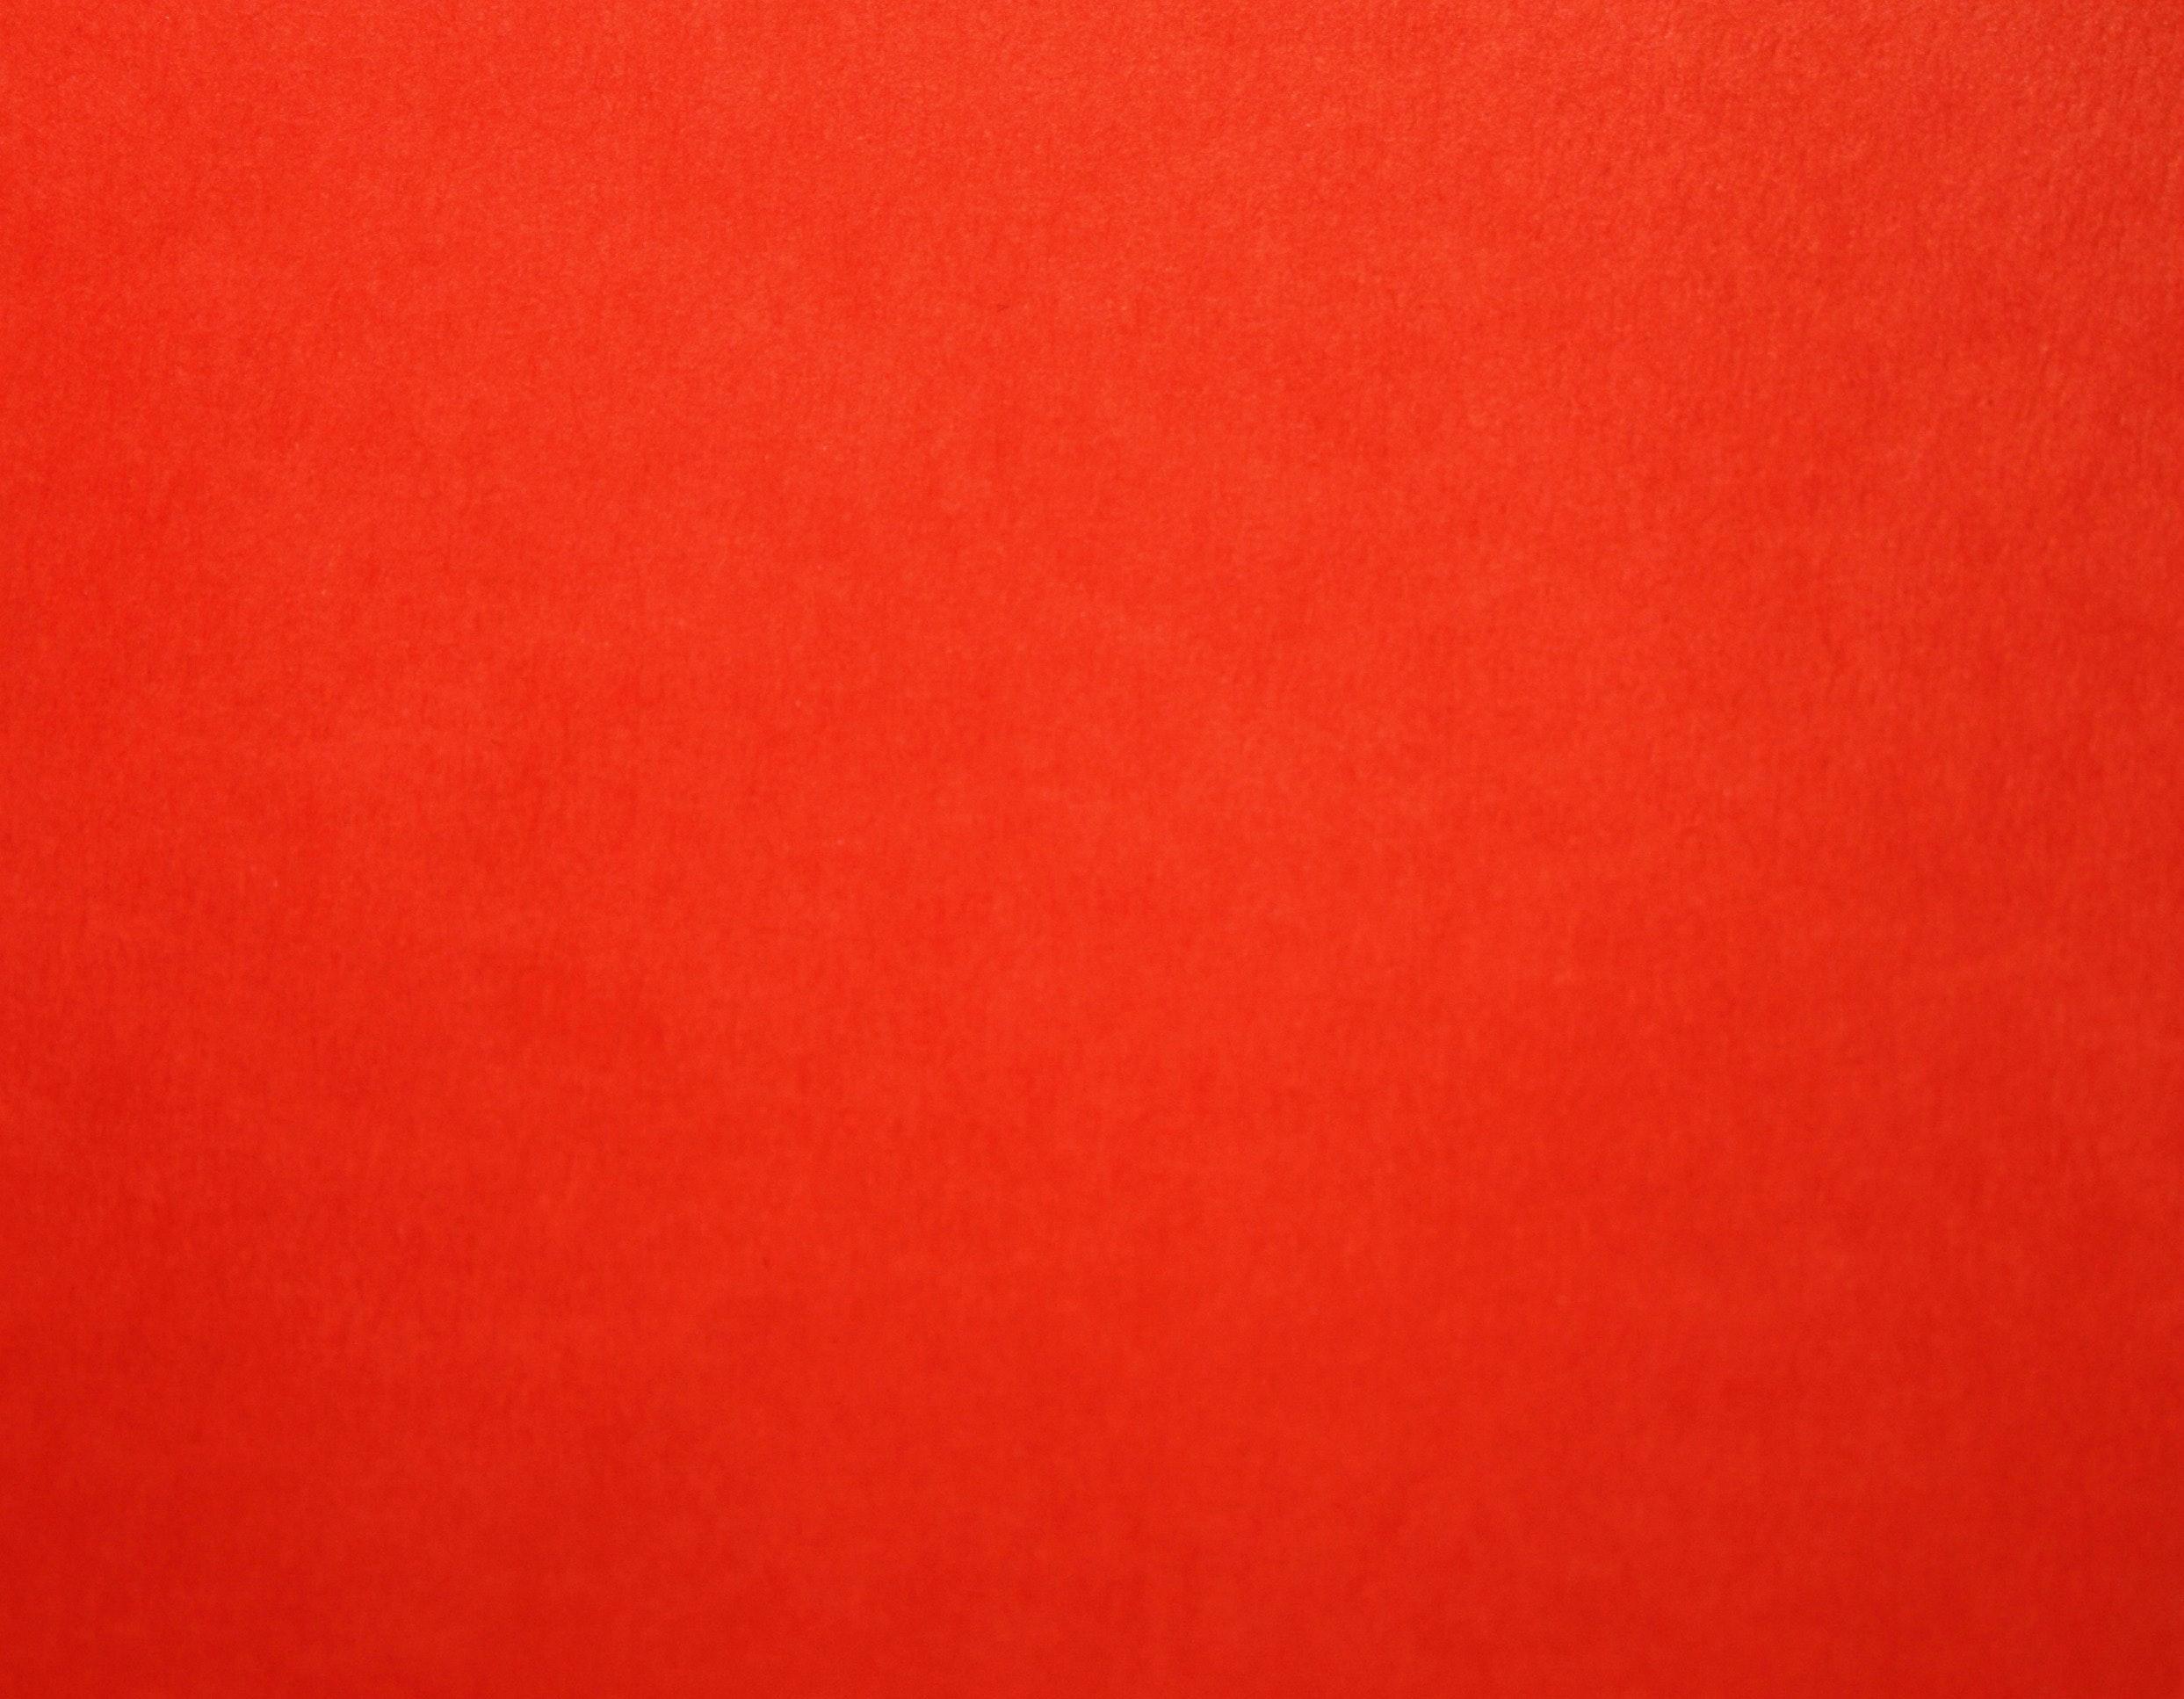 Unduh 600 Koleksi Background Orange Maroon Paling Keren